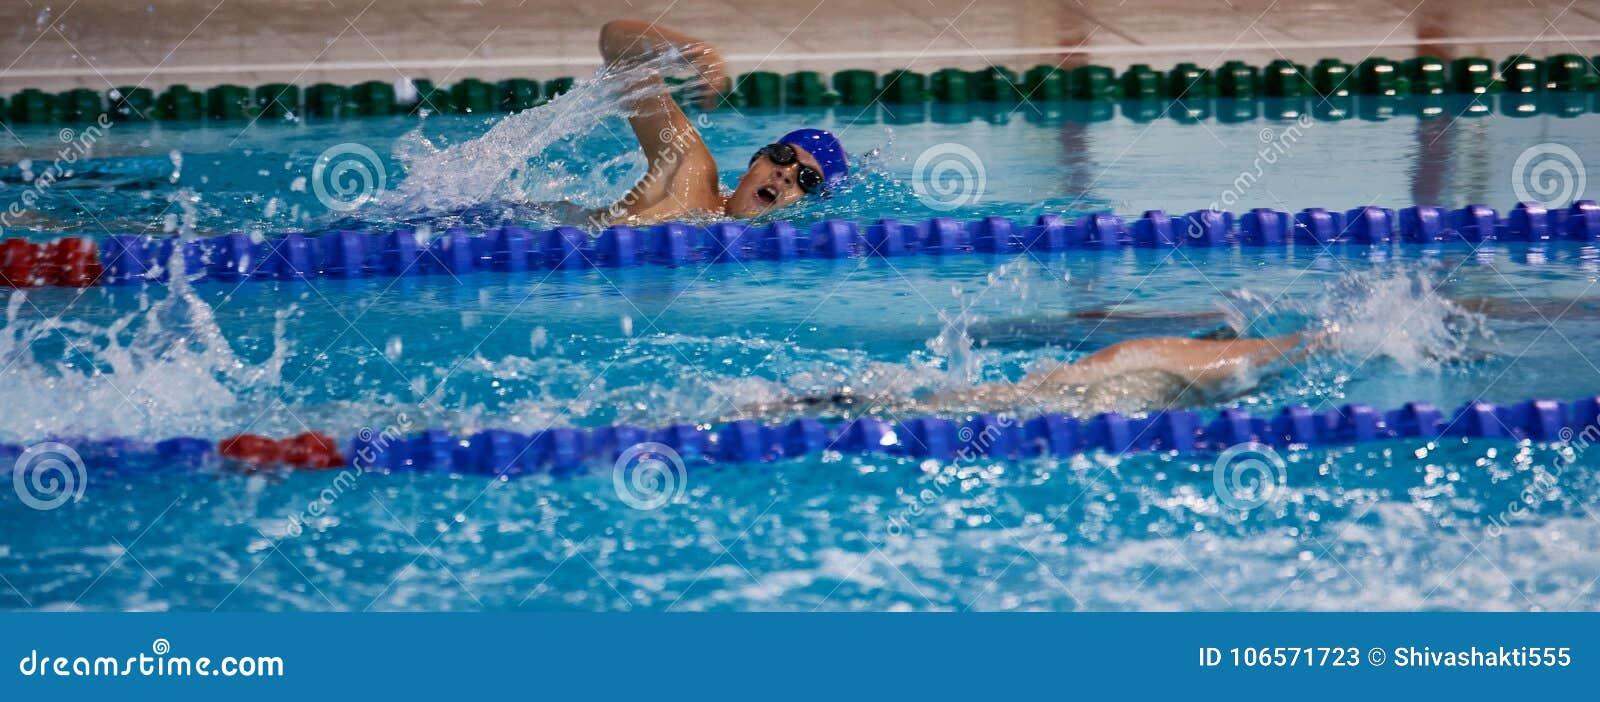 Заплывание мальчика на бассейне спорта